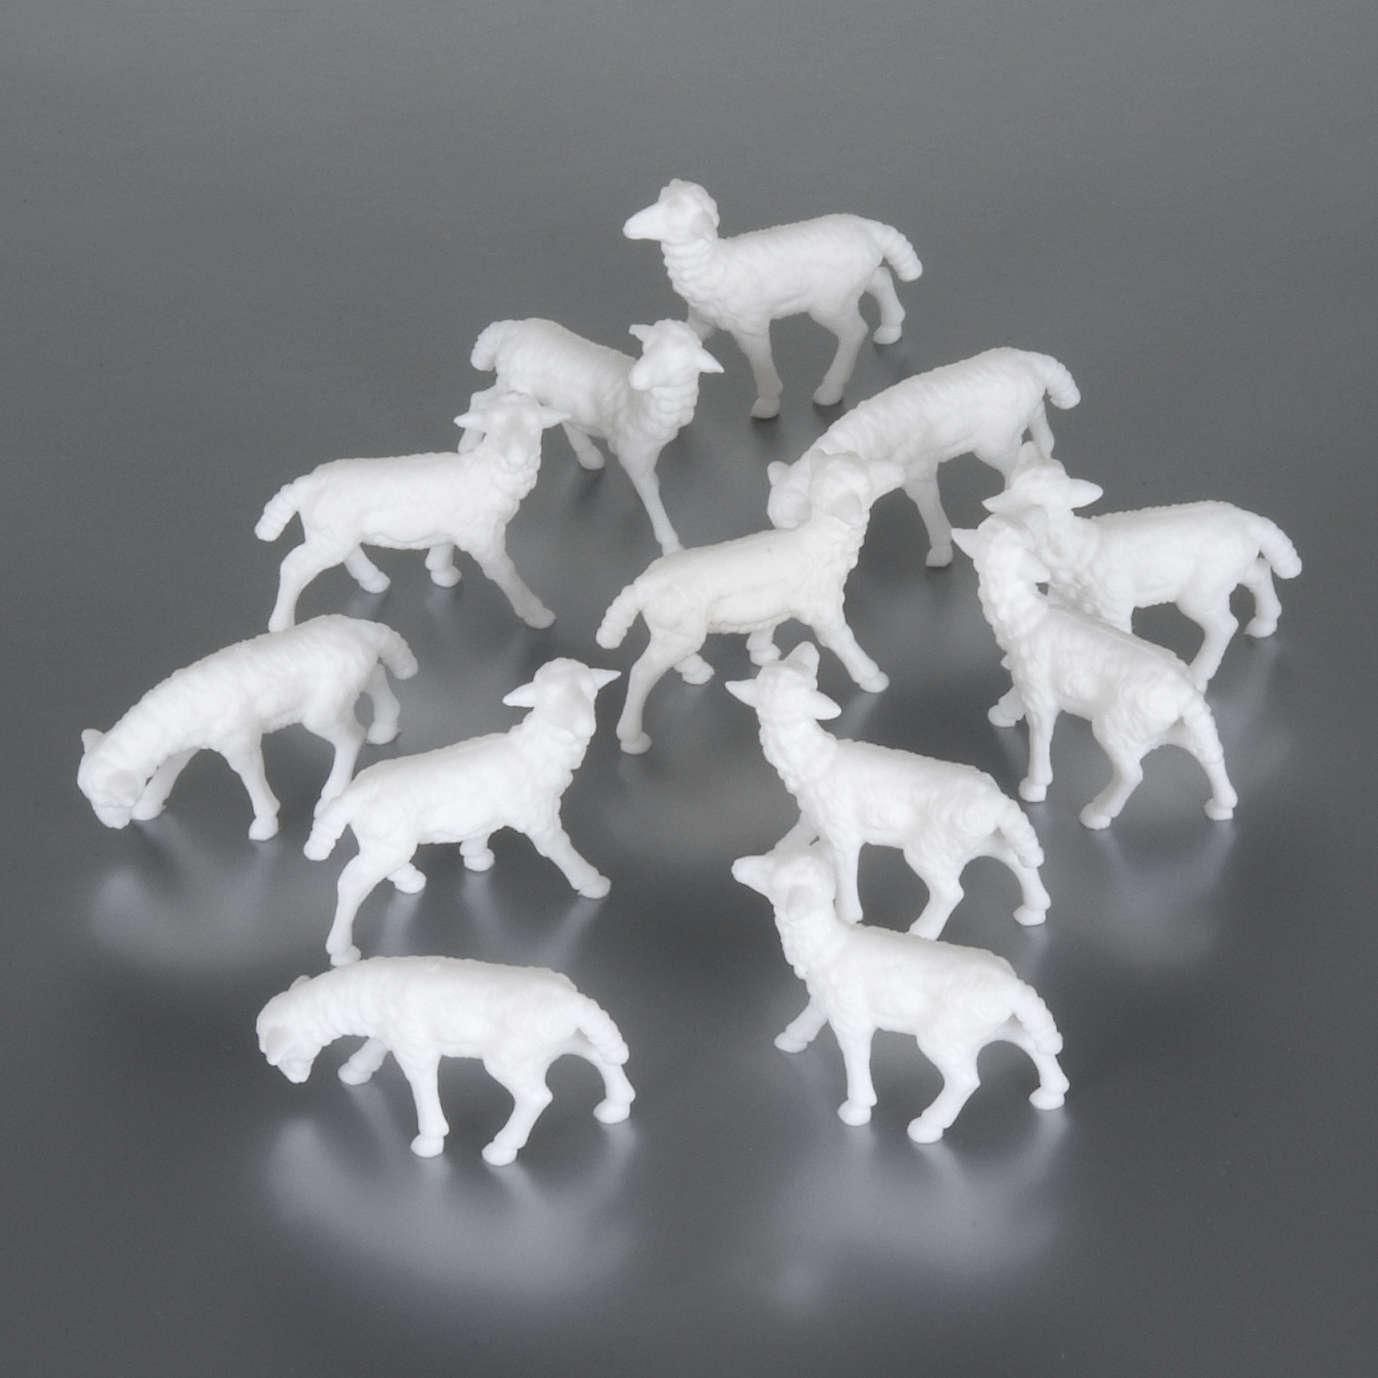 Owce 4 cm opakowanie 12 sztuk 3